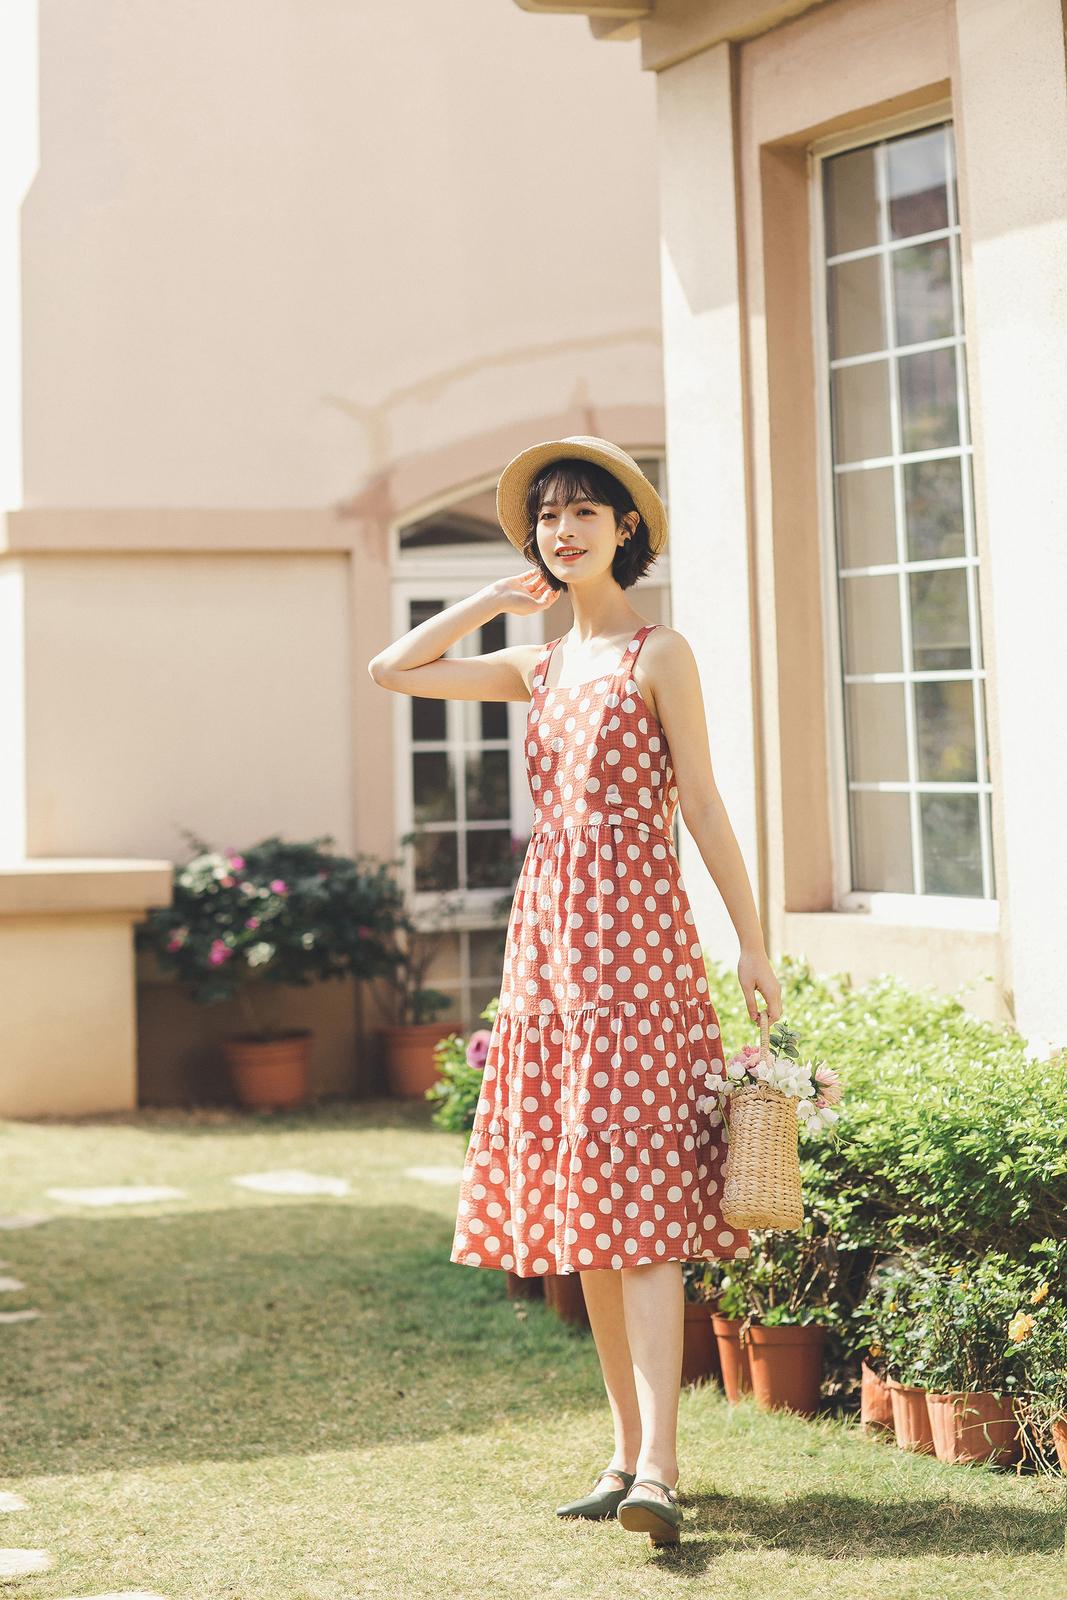 淡淡的妆容 复古的裙子 焕然一新的样子 稍微改变一下心情 变化身边的小事物 慢慢地你会发现 取悦自己也是一种幸福 #心情和裙子一样美#